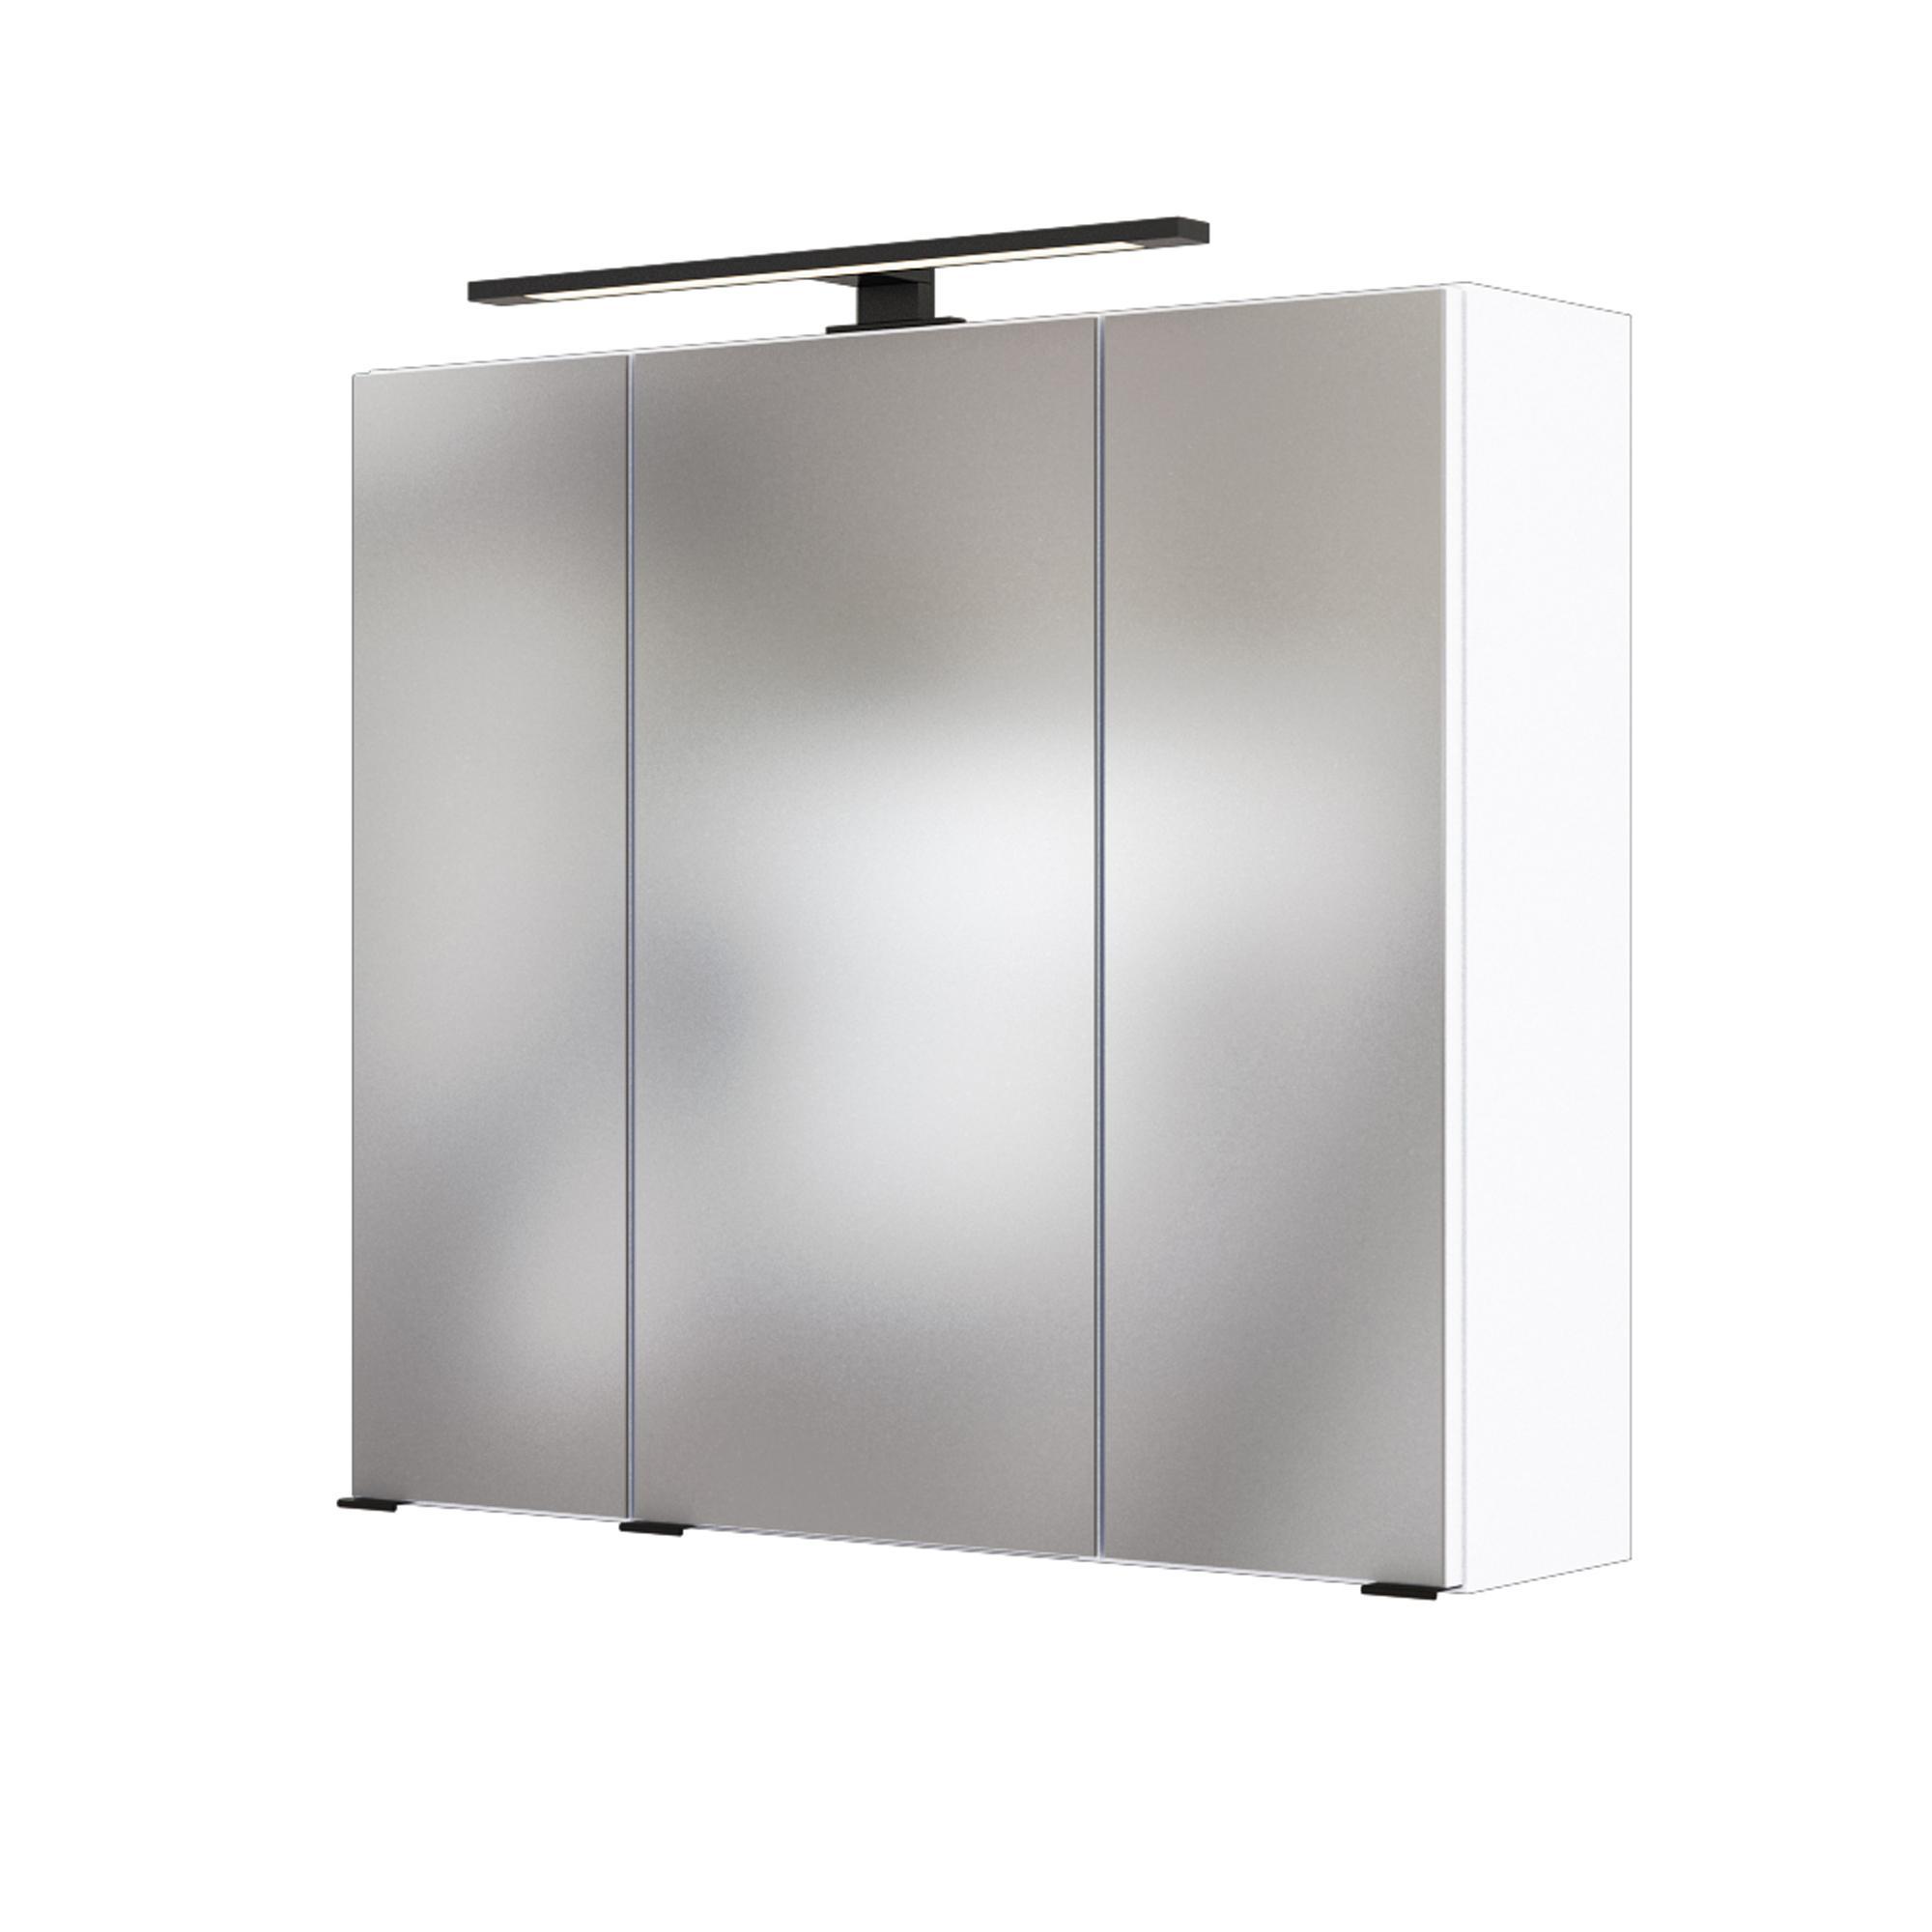 70 Cm Bad Spiegelschrank Mit Beleuchtung